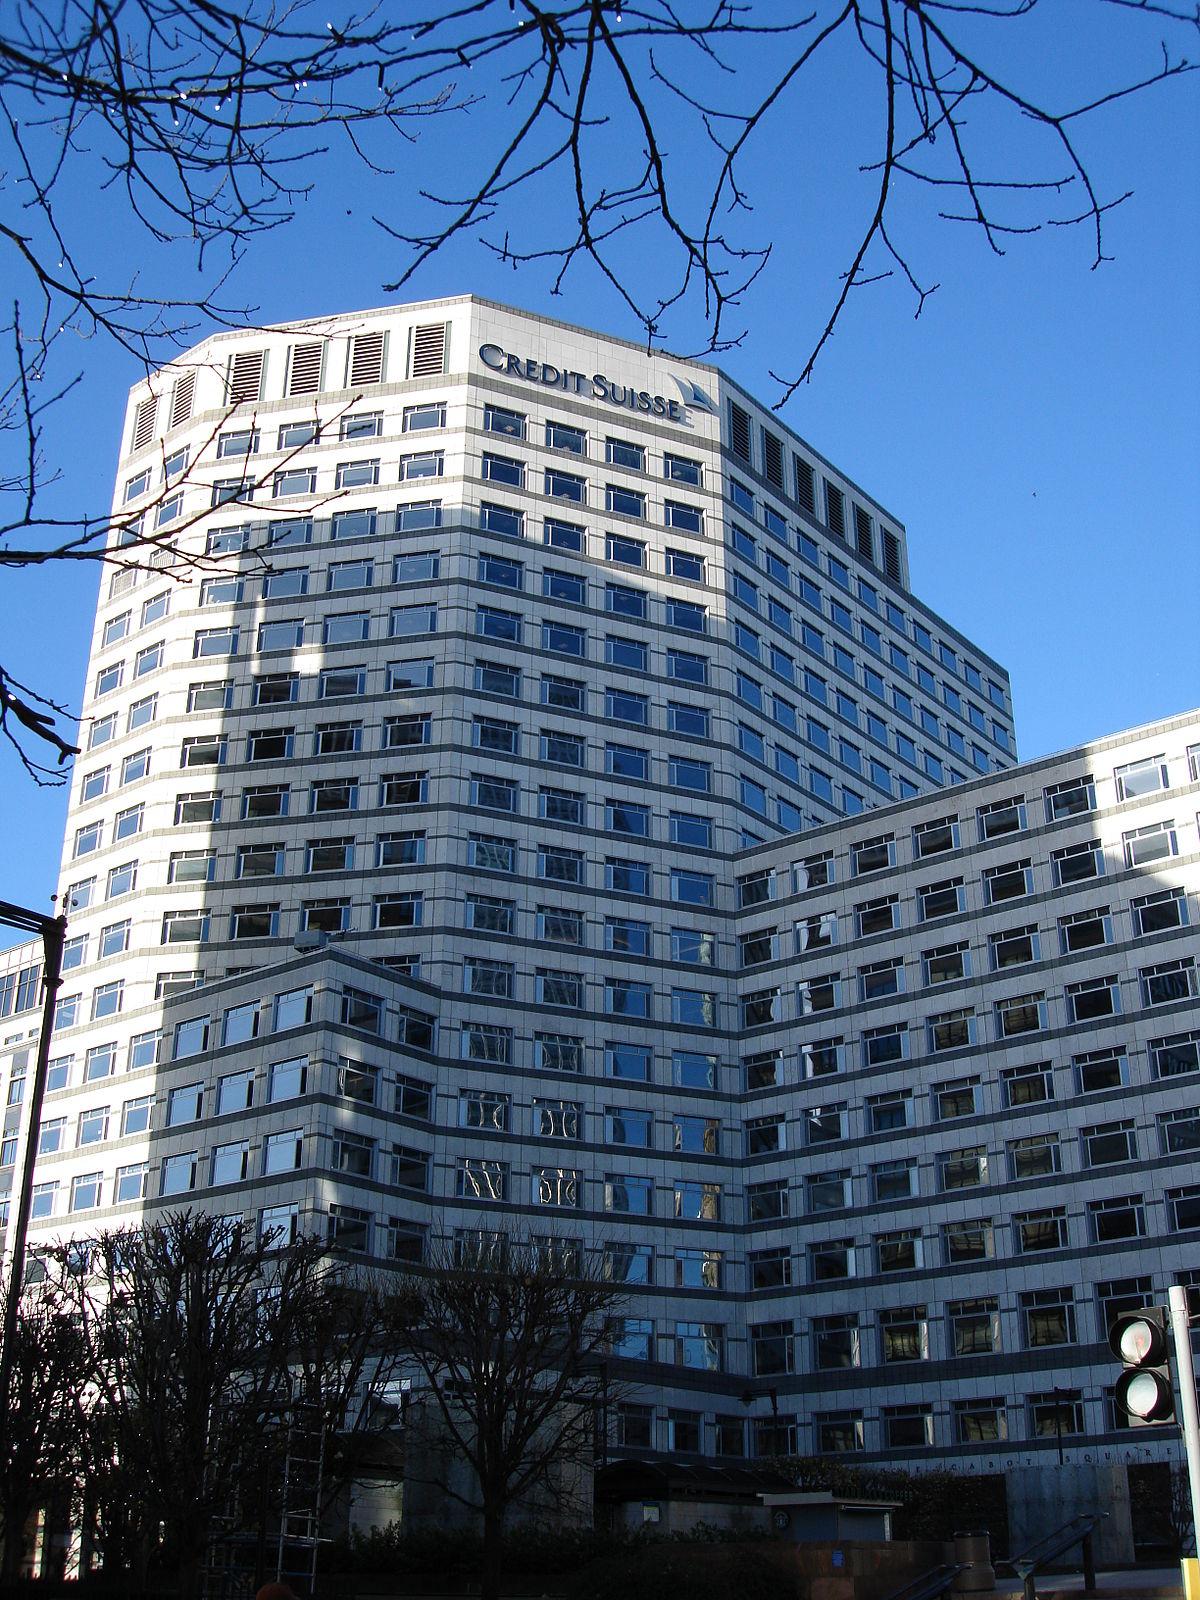 1 Cabot Square - Wikipedia